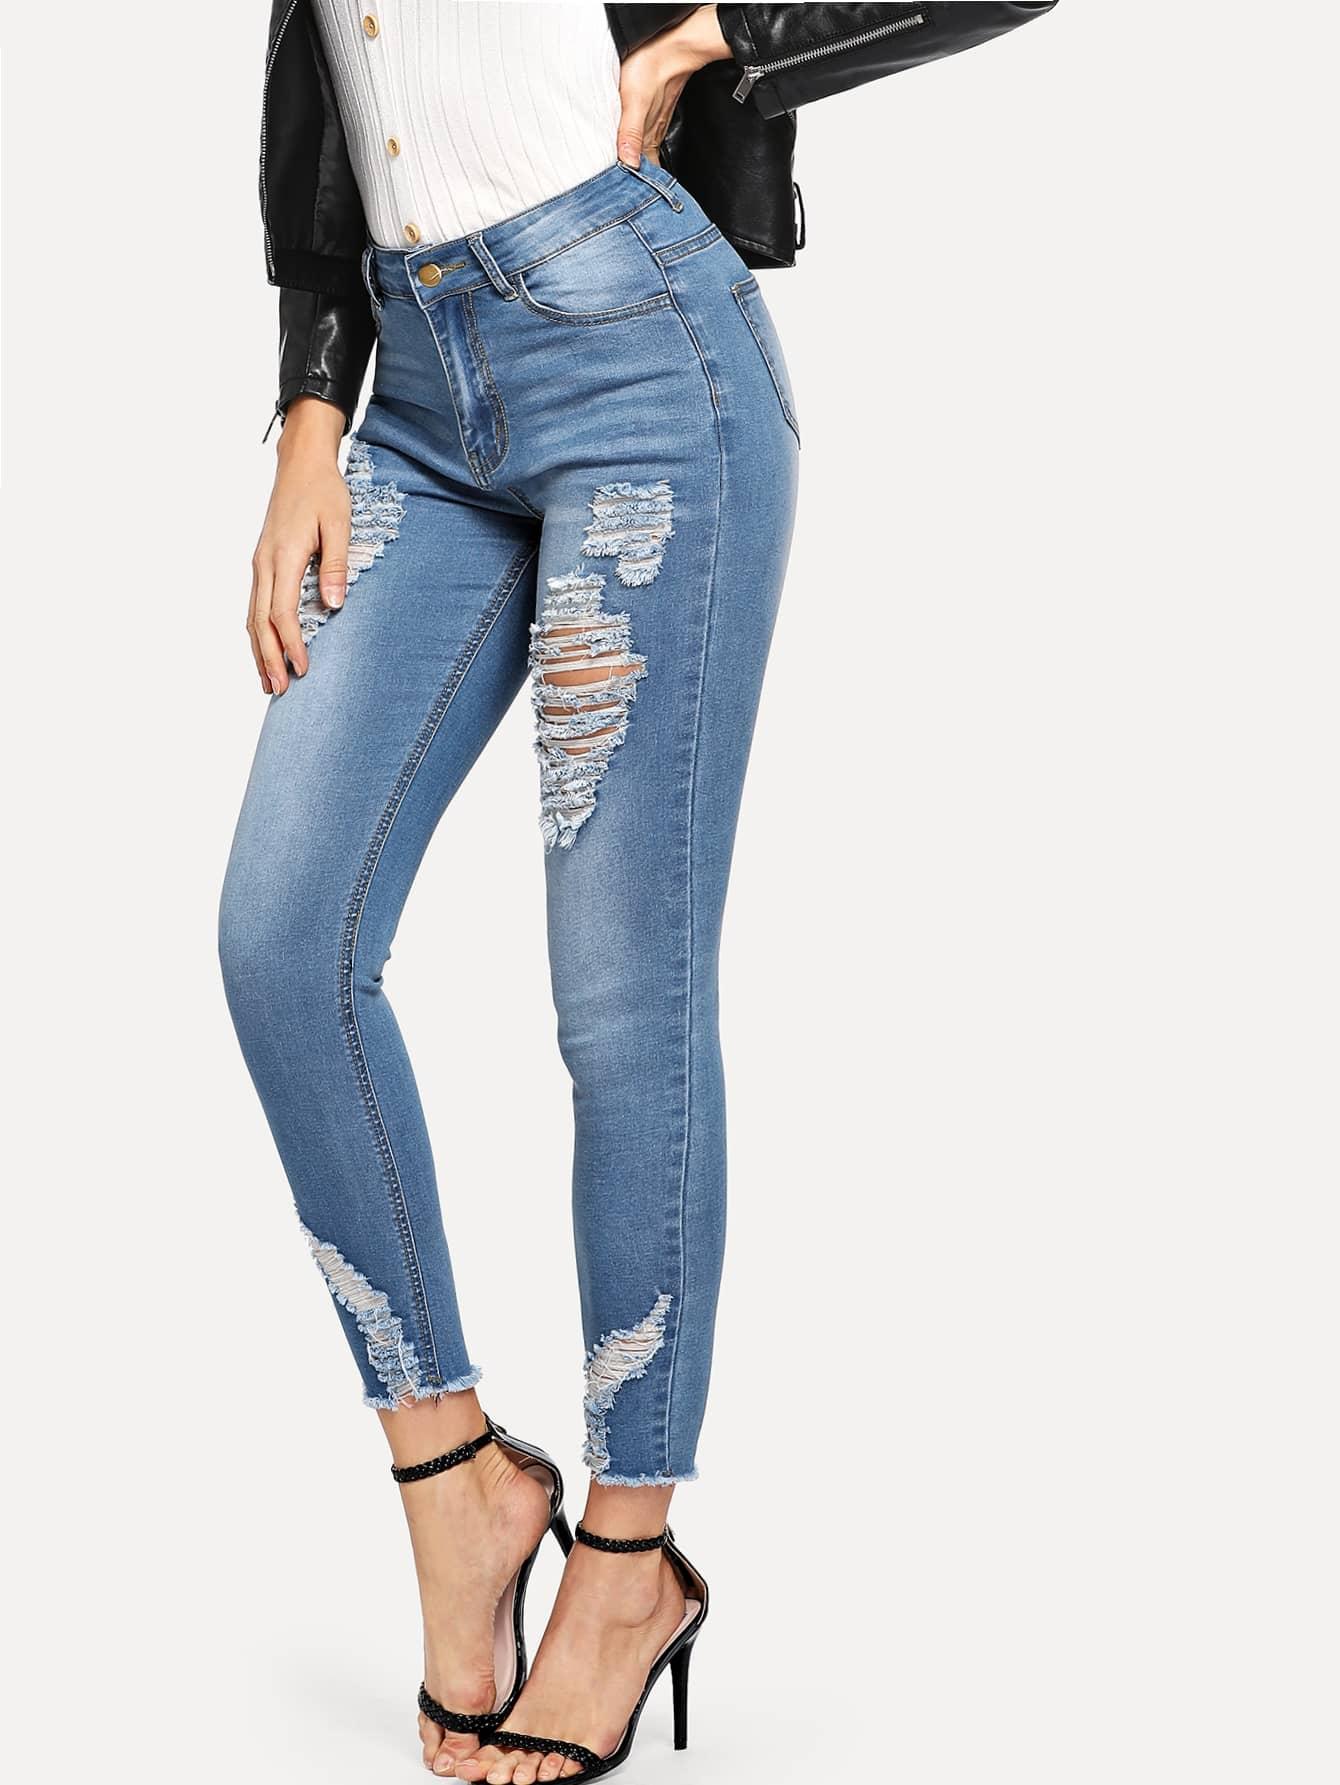 Купить Обтягивающие джинсы с необработанным краем, Masha, SheIn